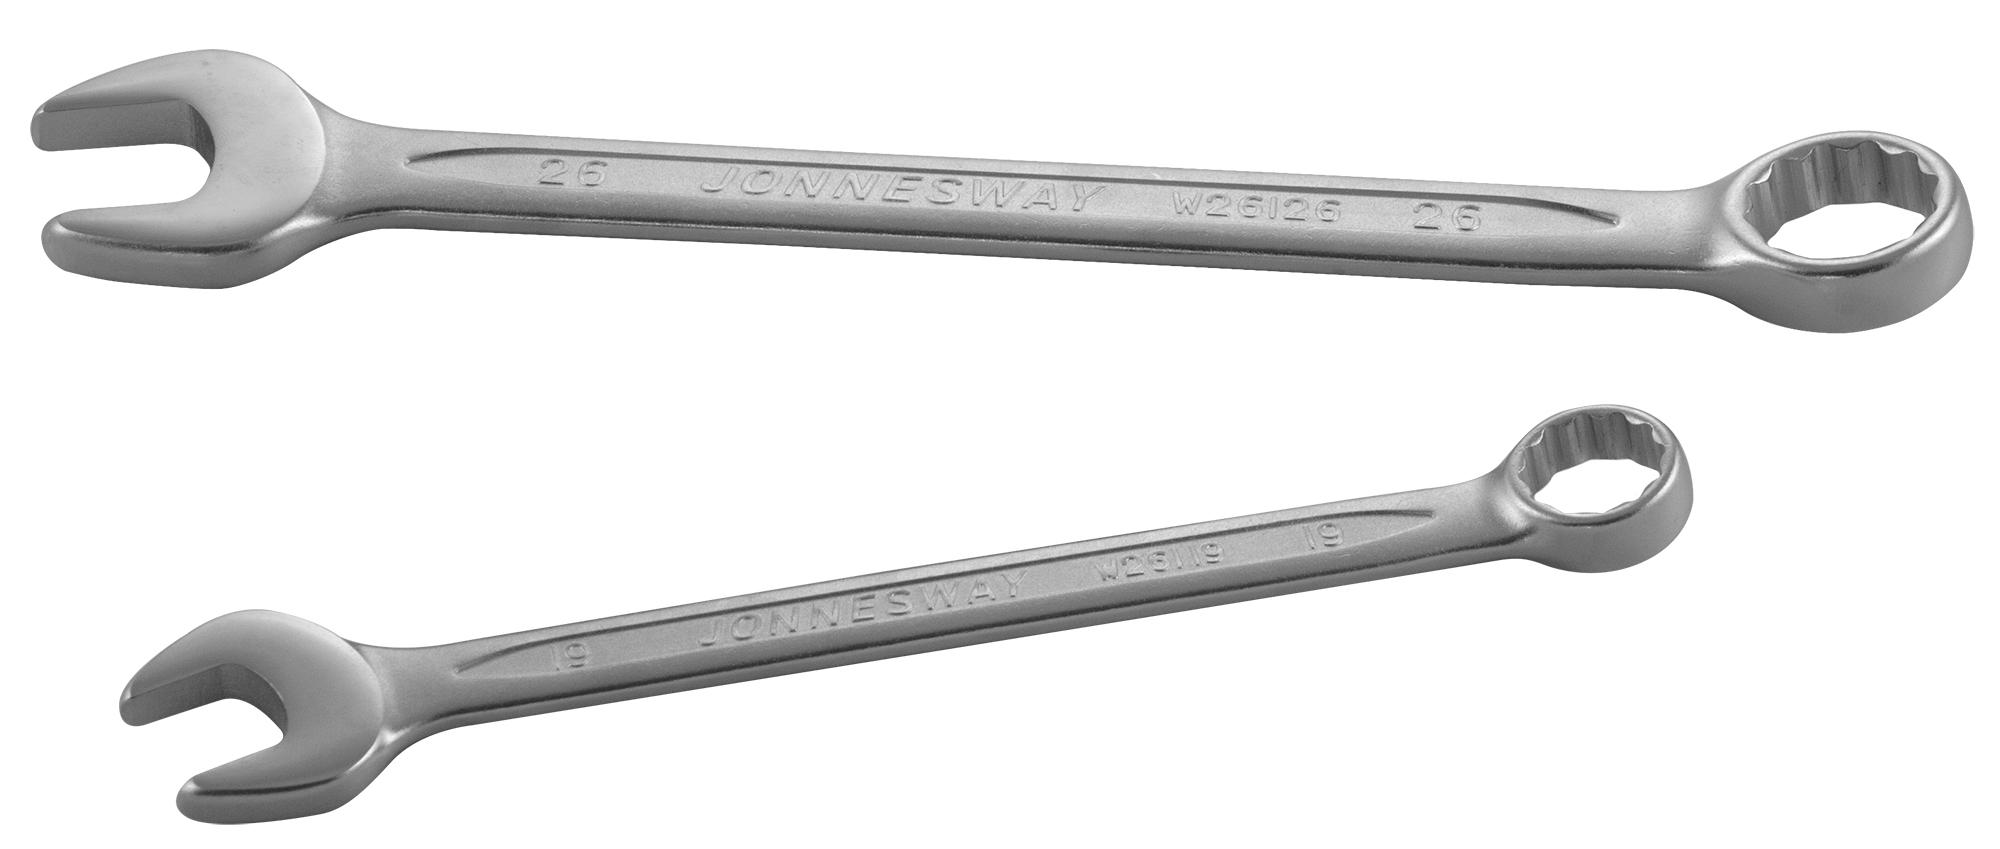 Ключ гаечный комбинированный 55х55 Jonnesway W26155 (55 мм)